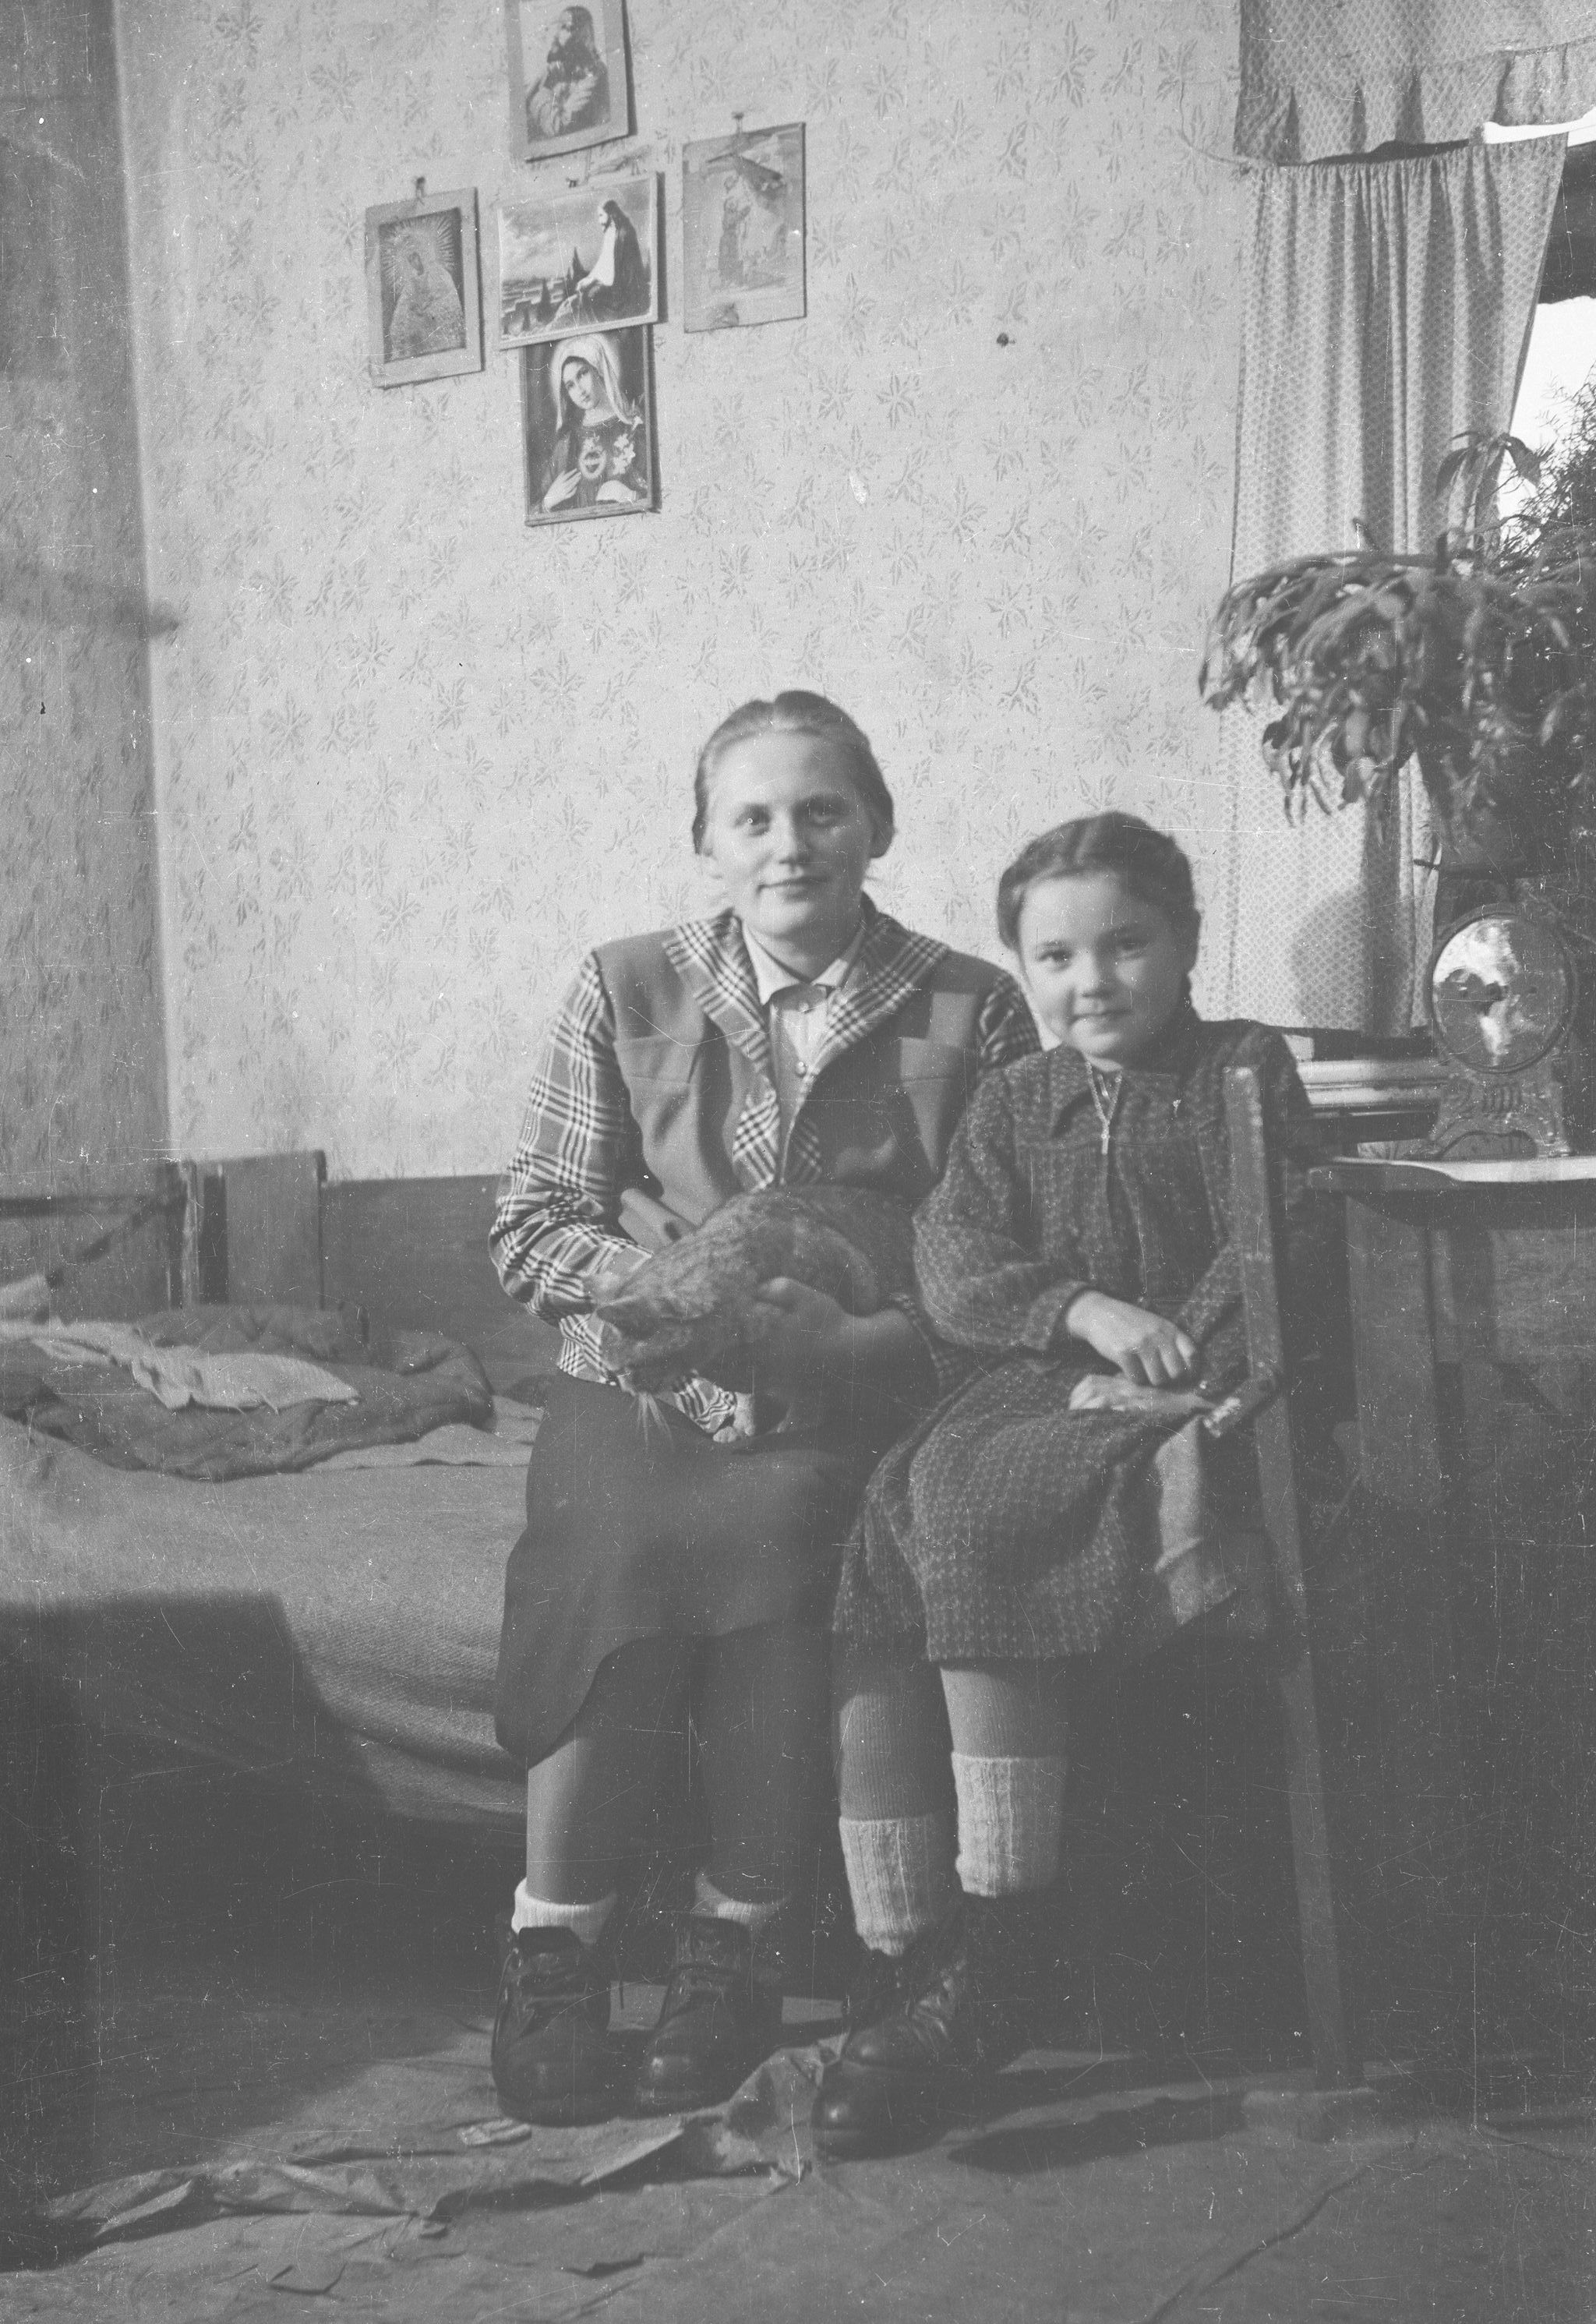 Kobieta z dzieckiem, Krysią Frańską, Brzózka, Dolny Śląsk, lata 50. XX w.